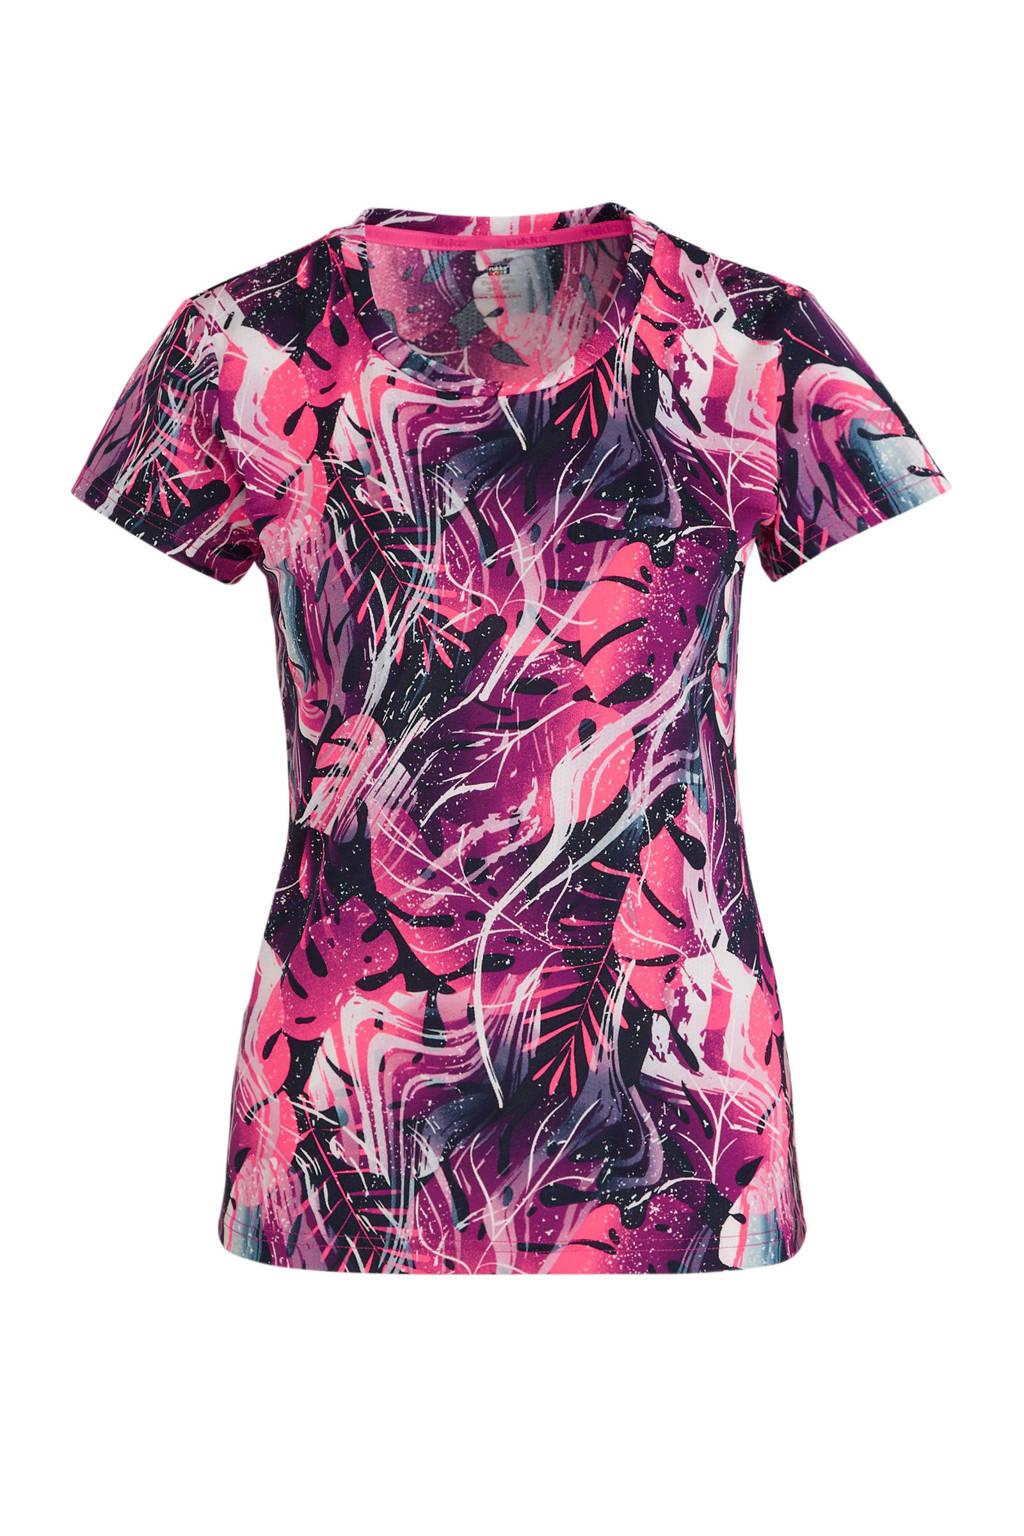 Rukka hardloopshirt roze/grijs, Roze/grijs